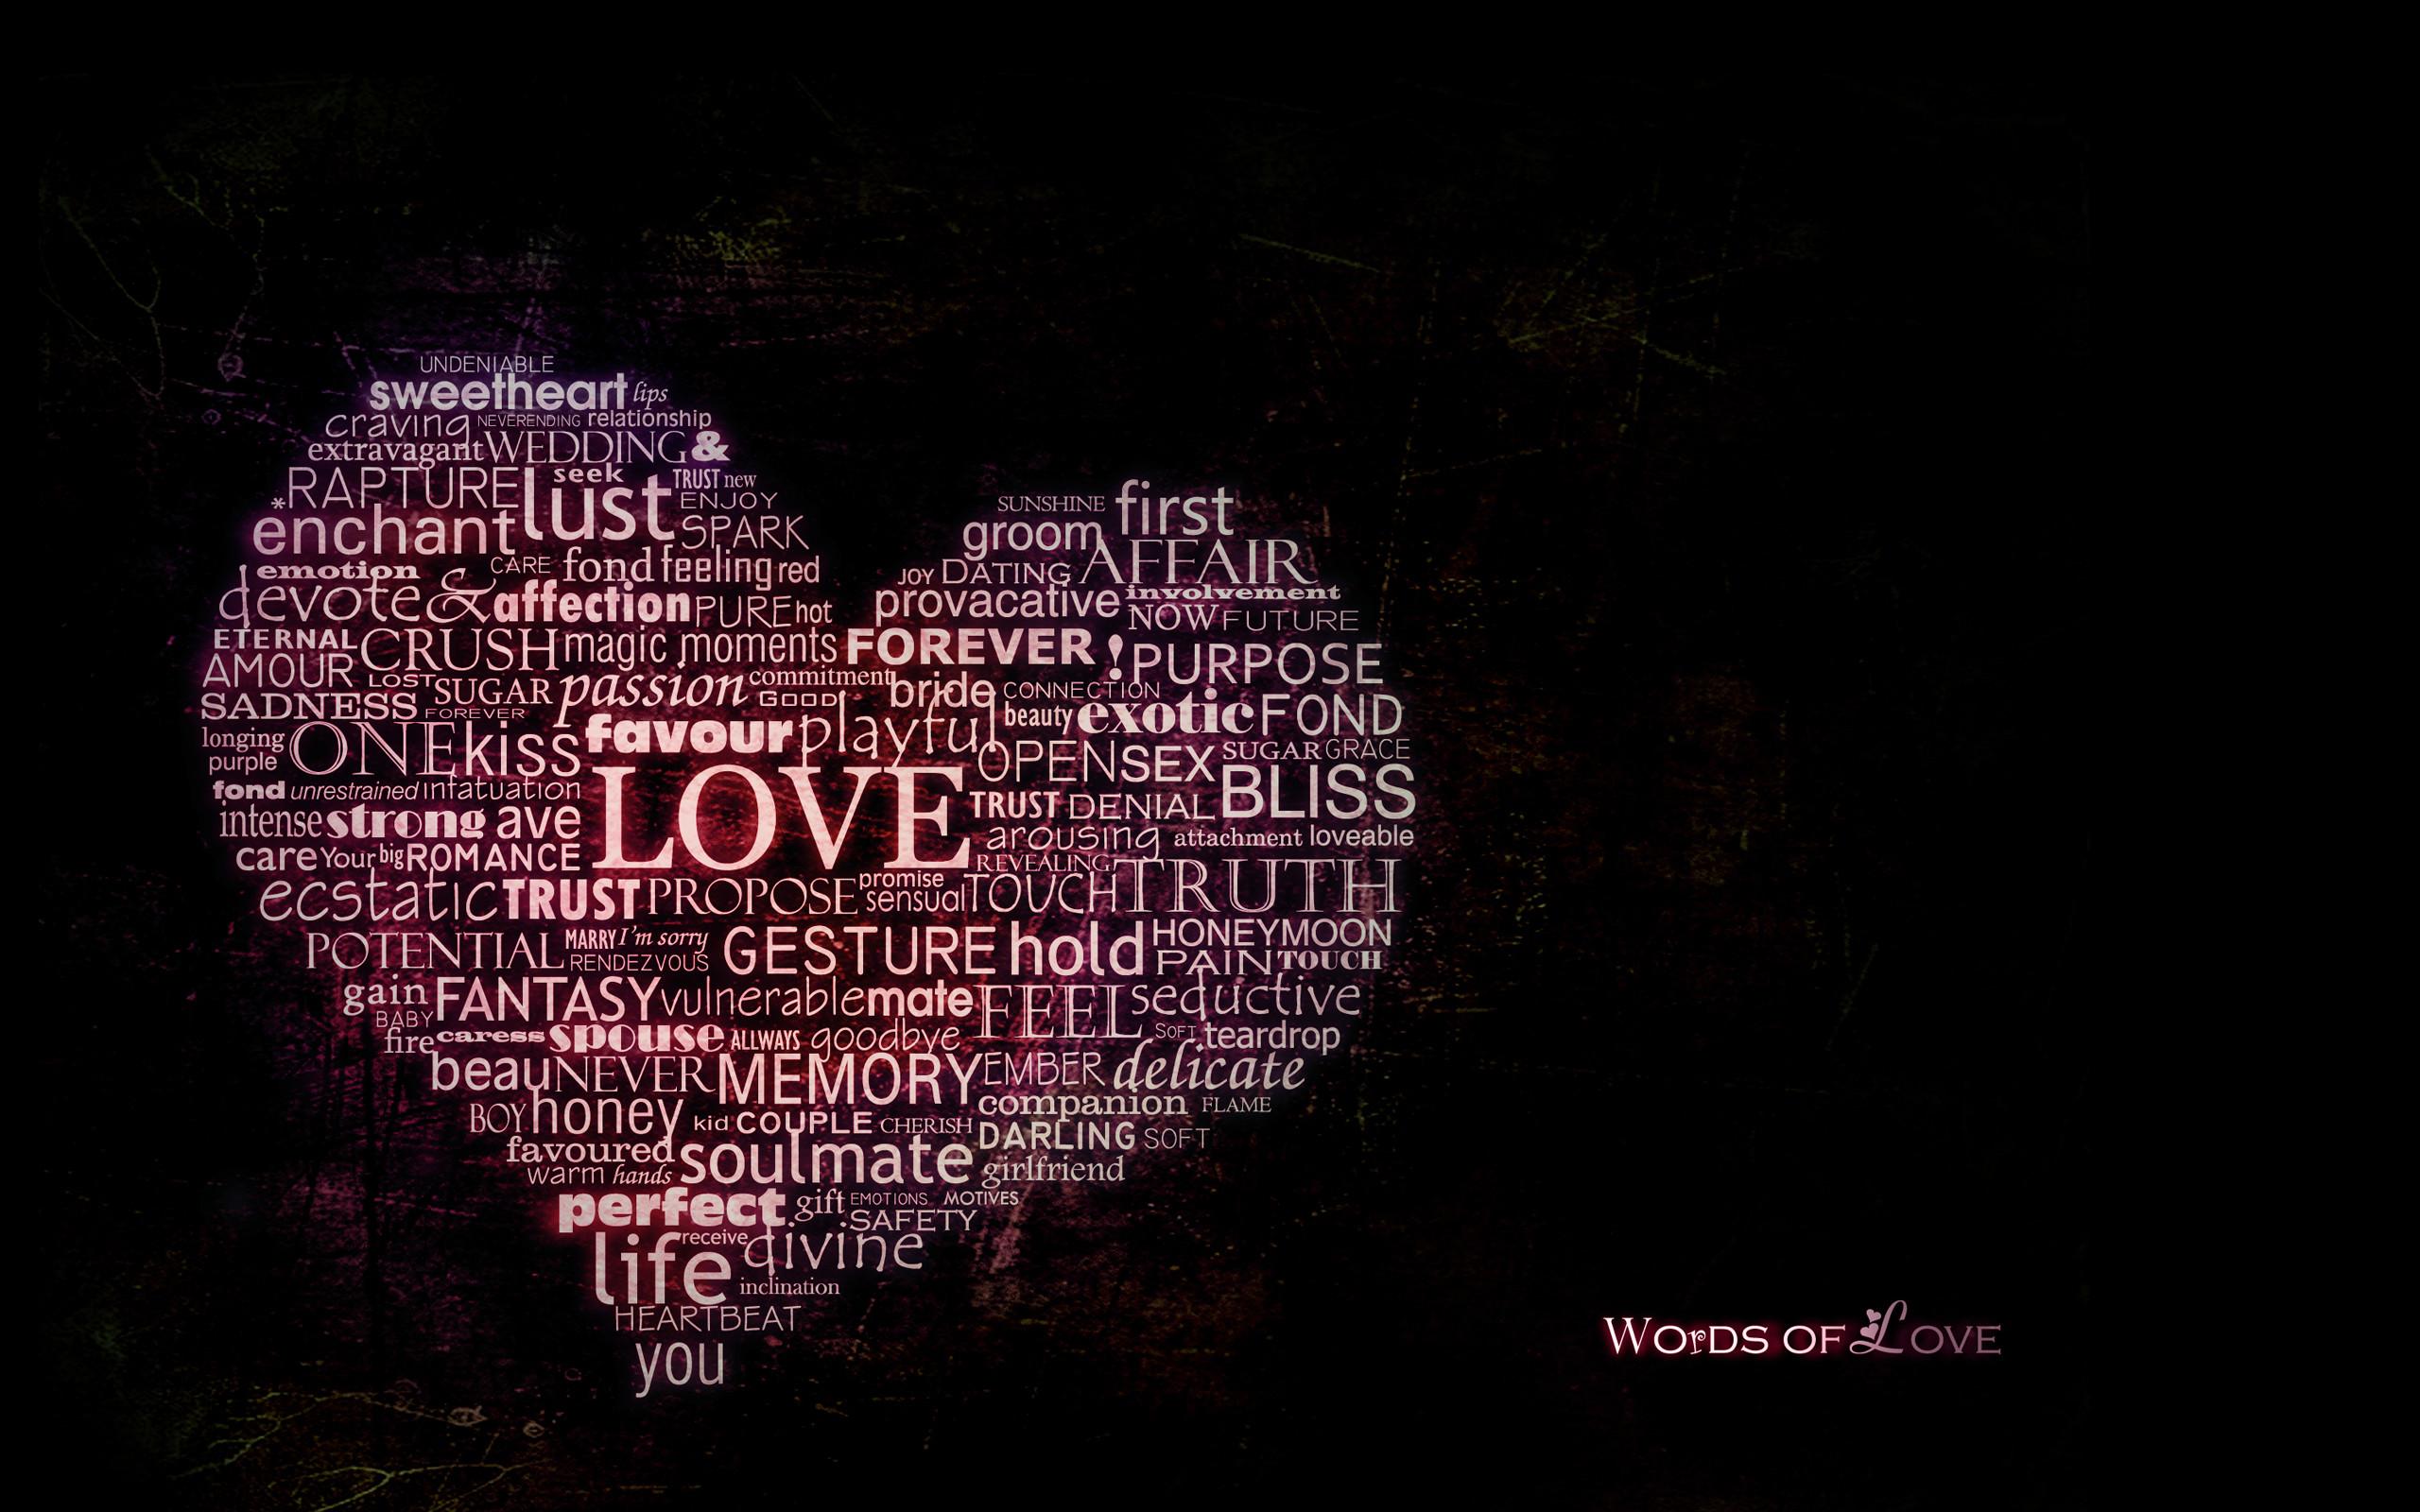 Words Desktop Wallpaper 56 images